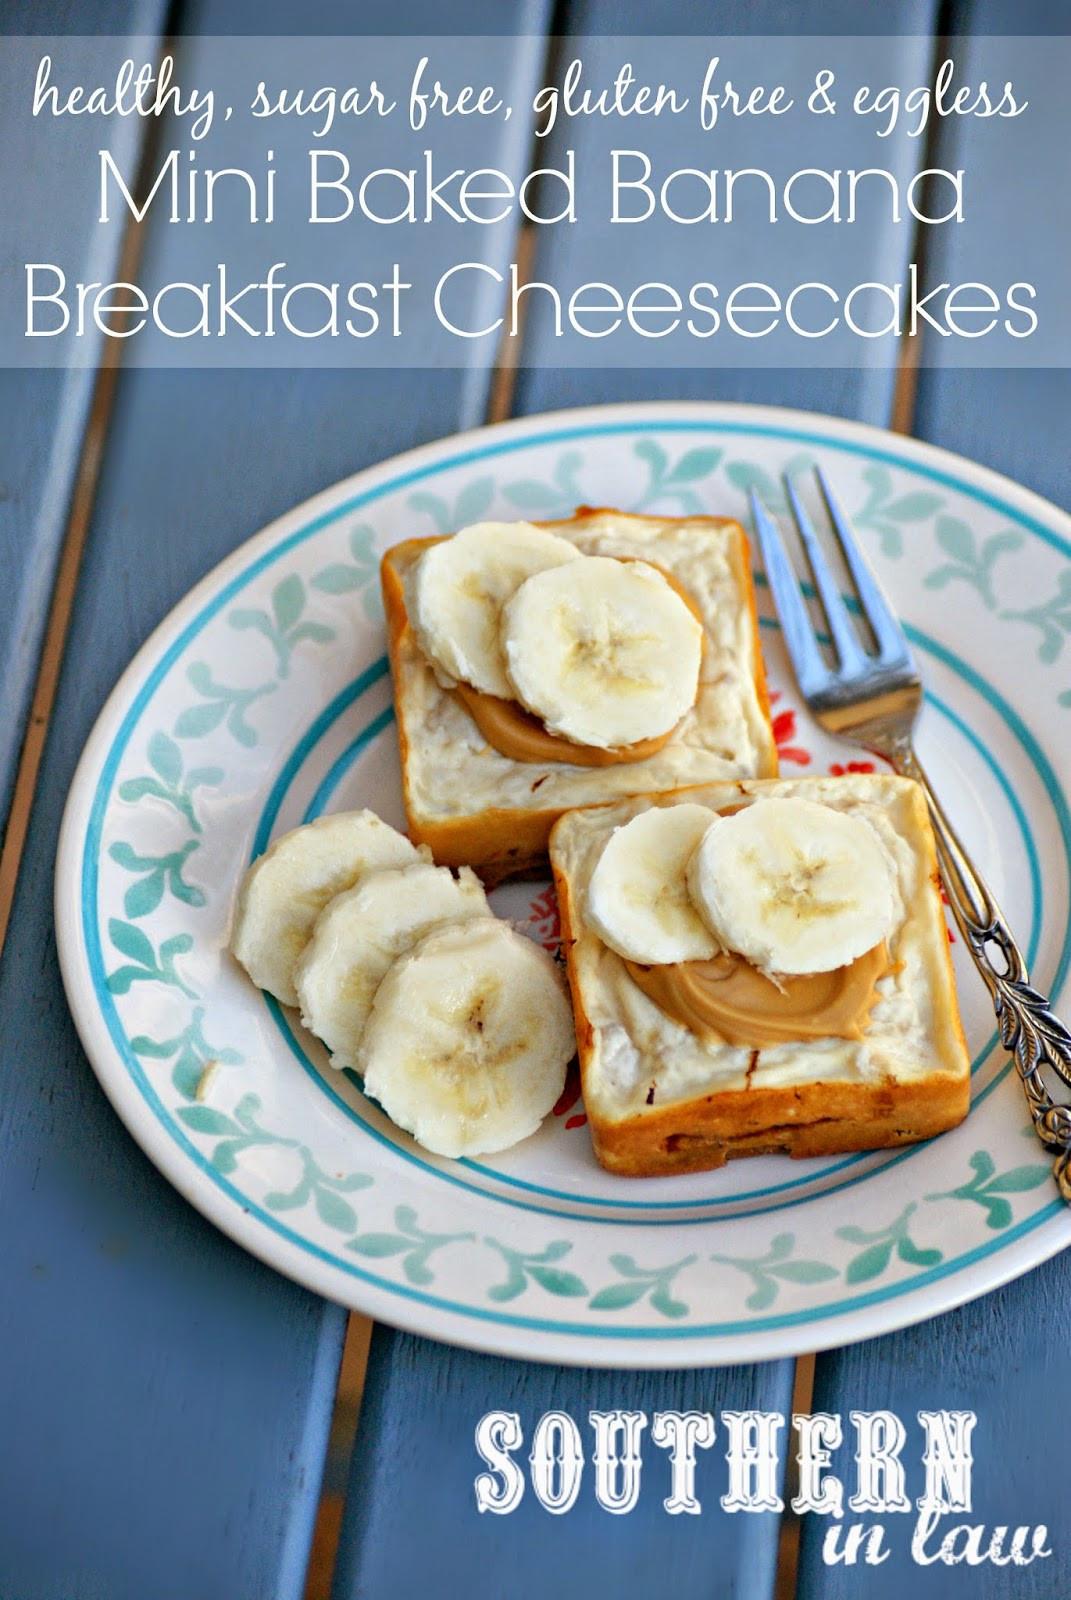 Banana Breakfast Recipes  Southern In Law Recipe Mini Baked Banana Cheesecakes so